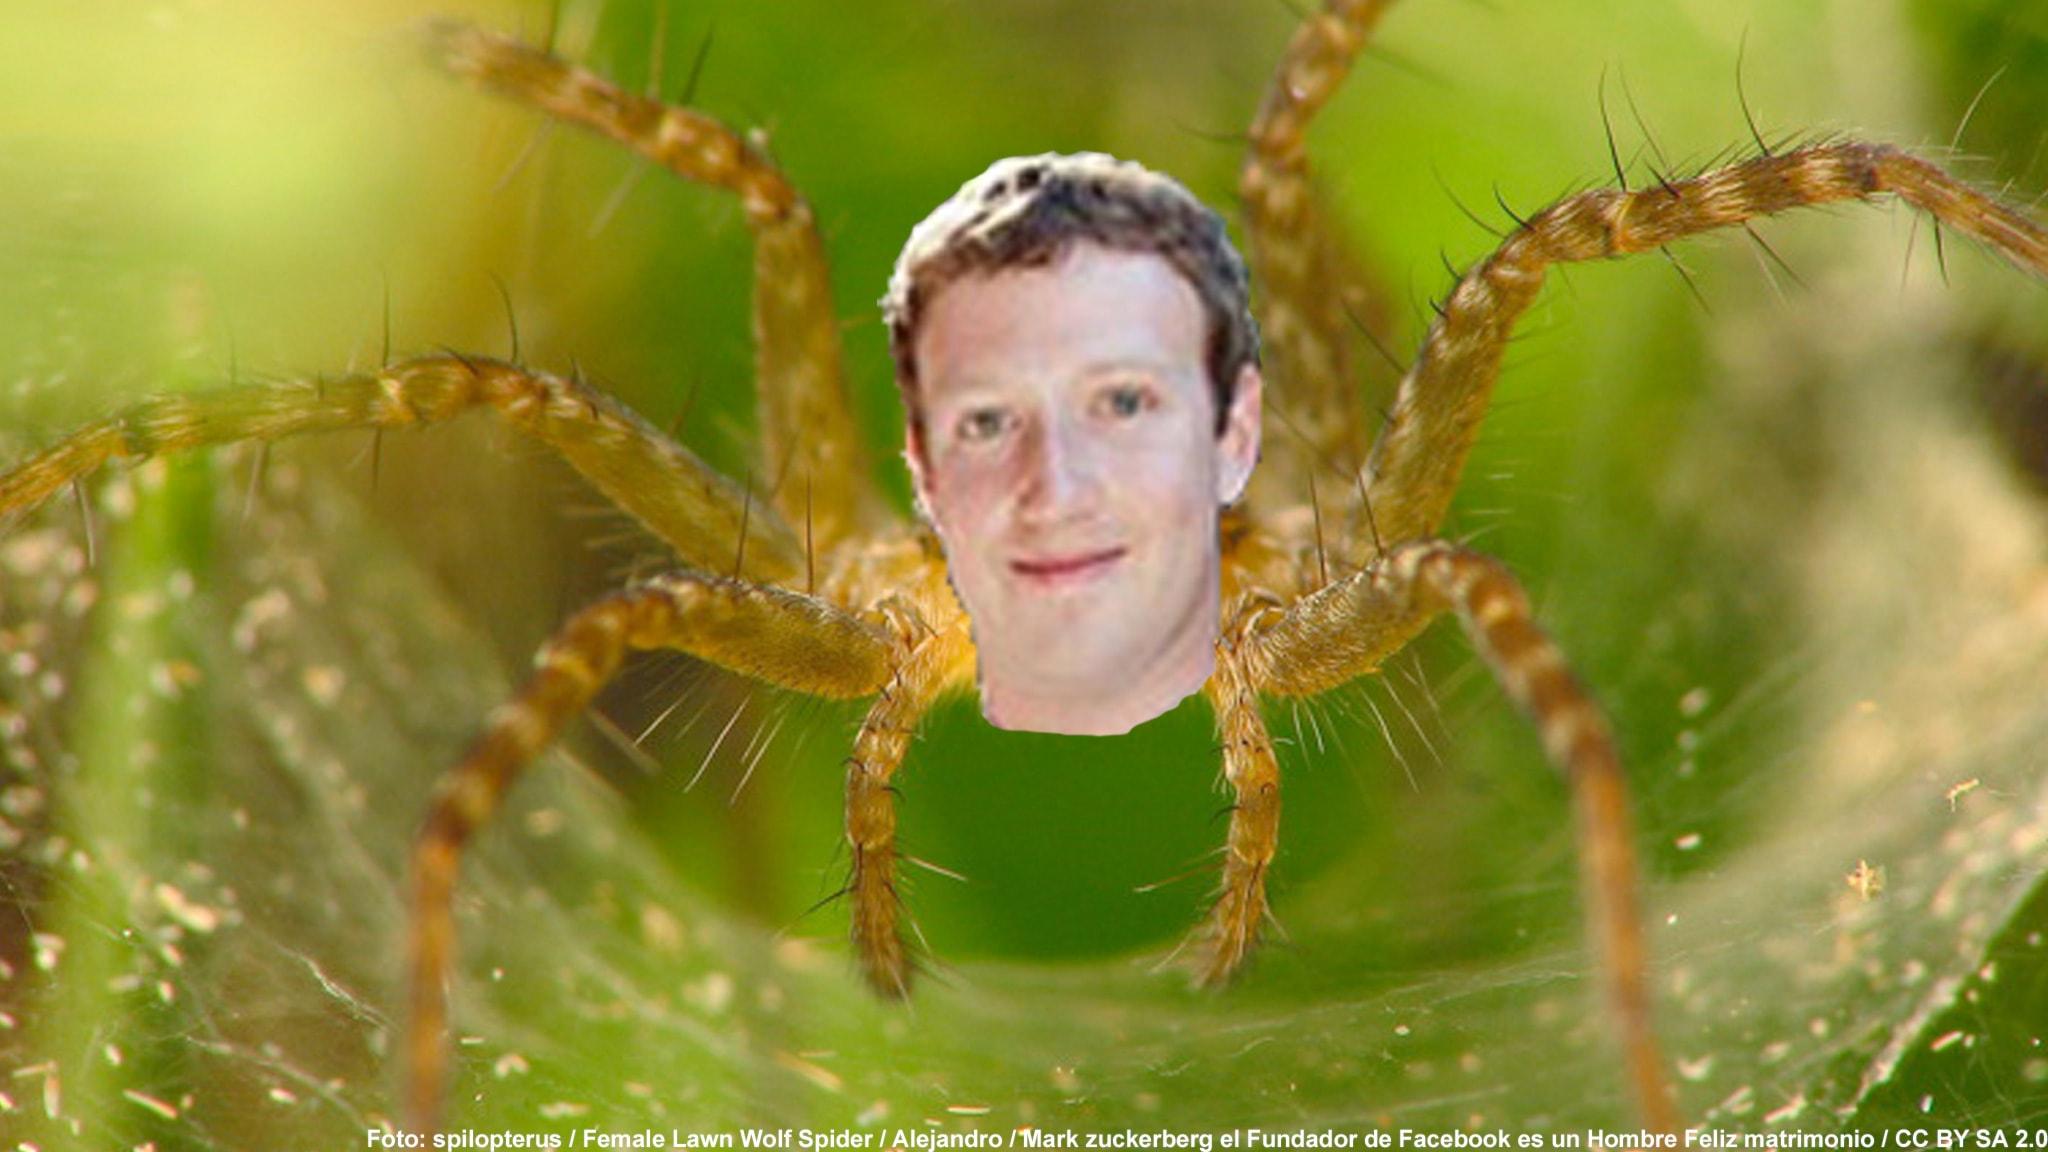 #17. Mark Zuckerberg - Spindeln som vill äga nätet